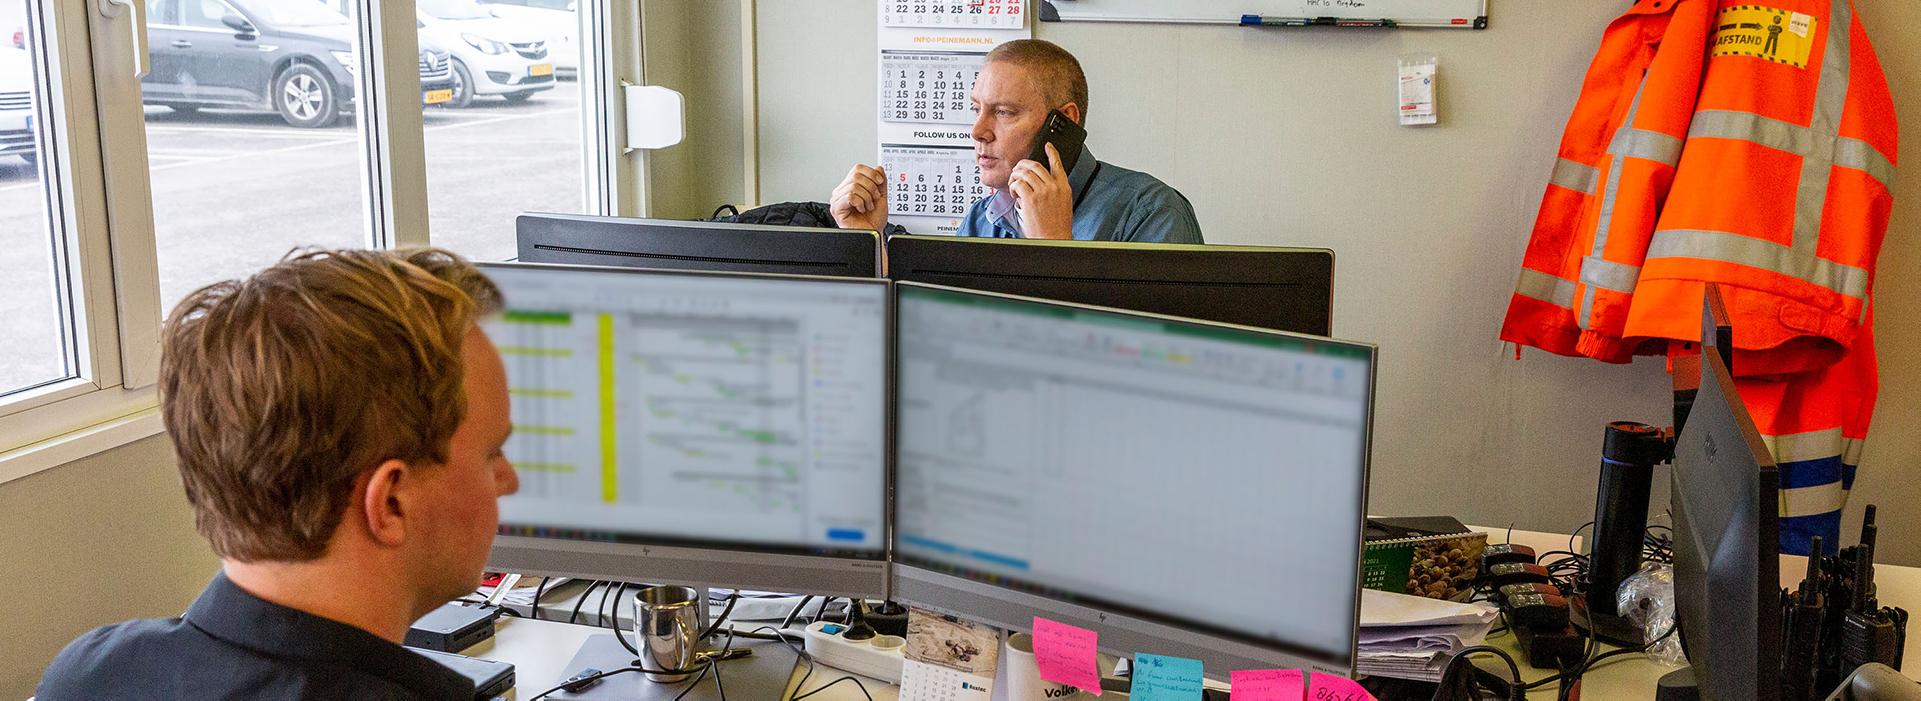 volker energy solutions kantoor engineer